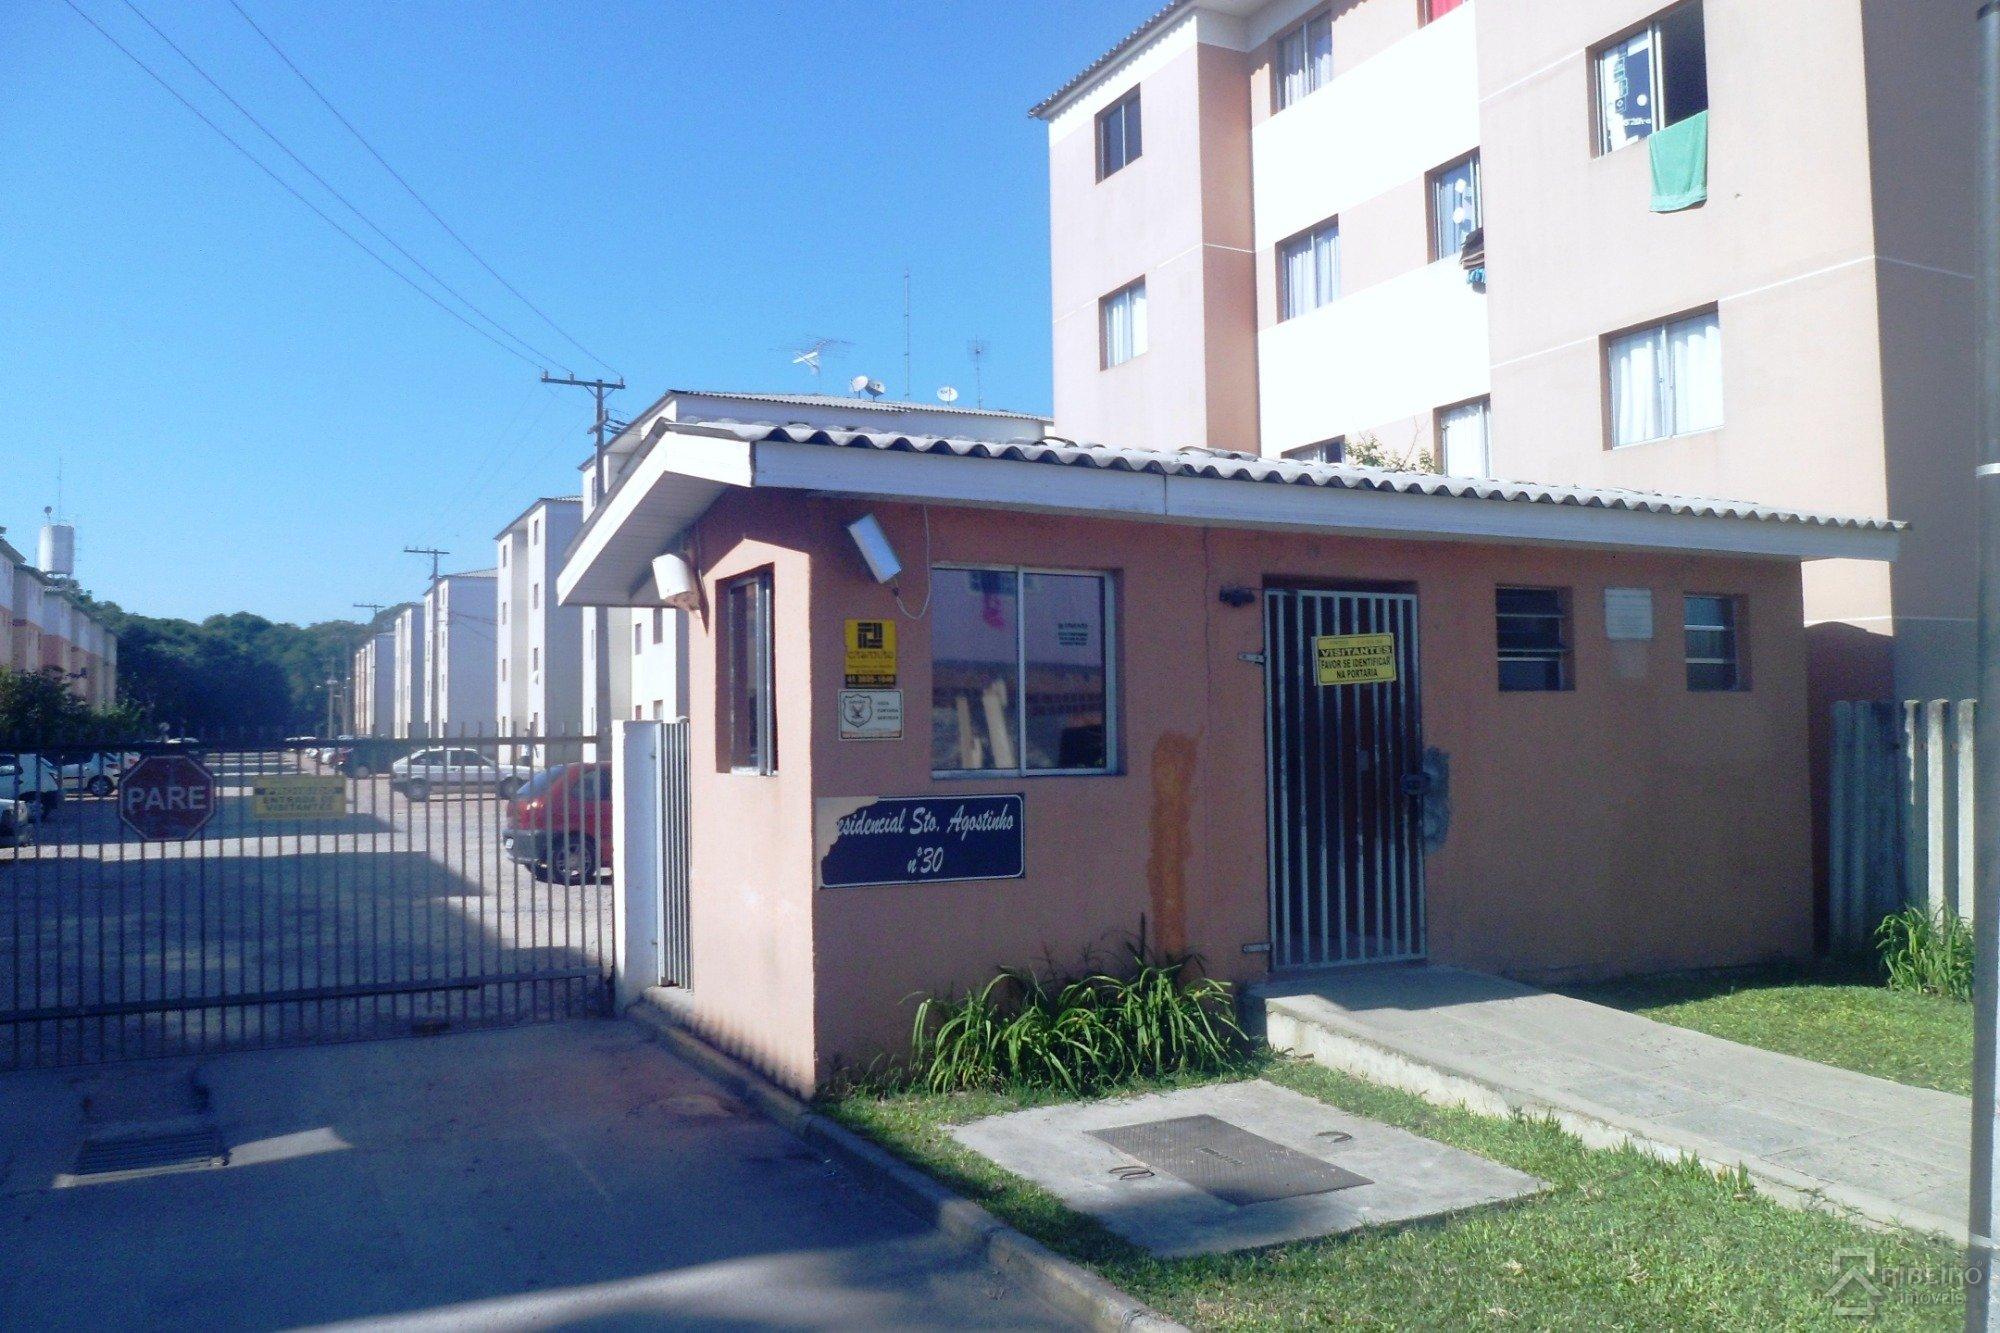 REF. 7995 -  Sao Jose Dos Pinhais - Rua  Maria Paulina Pereira, 30 - Apto 31 - Bl 15